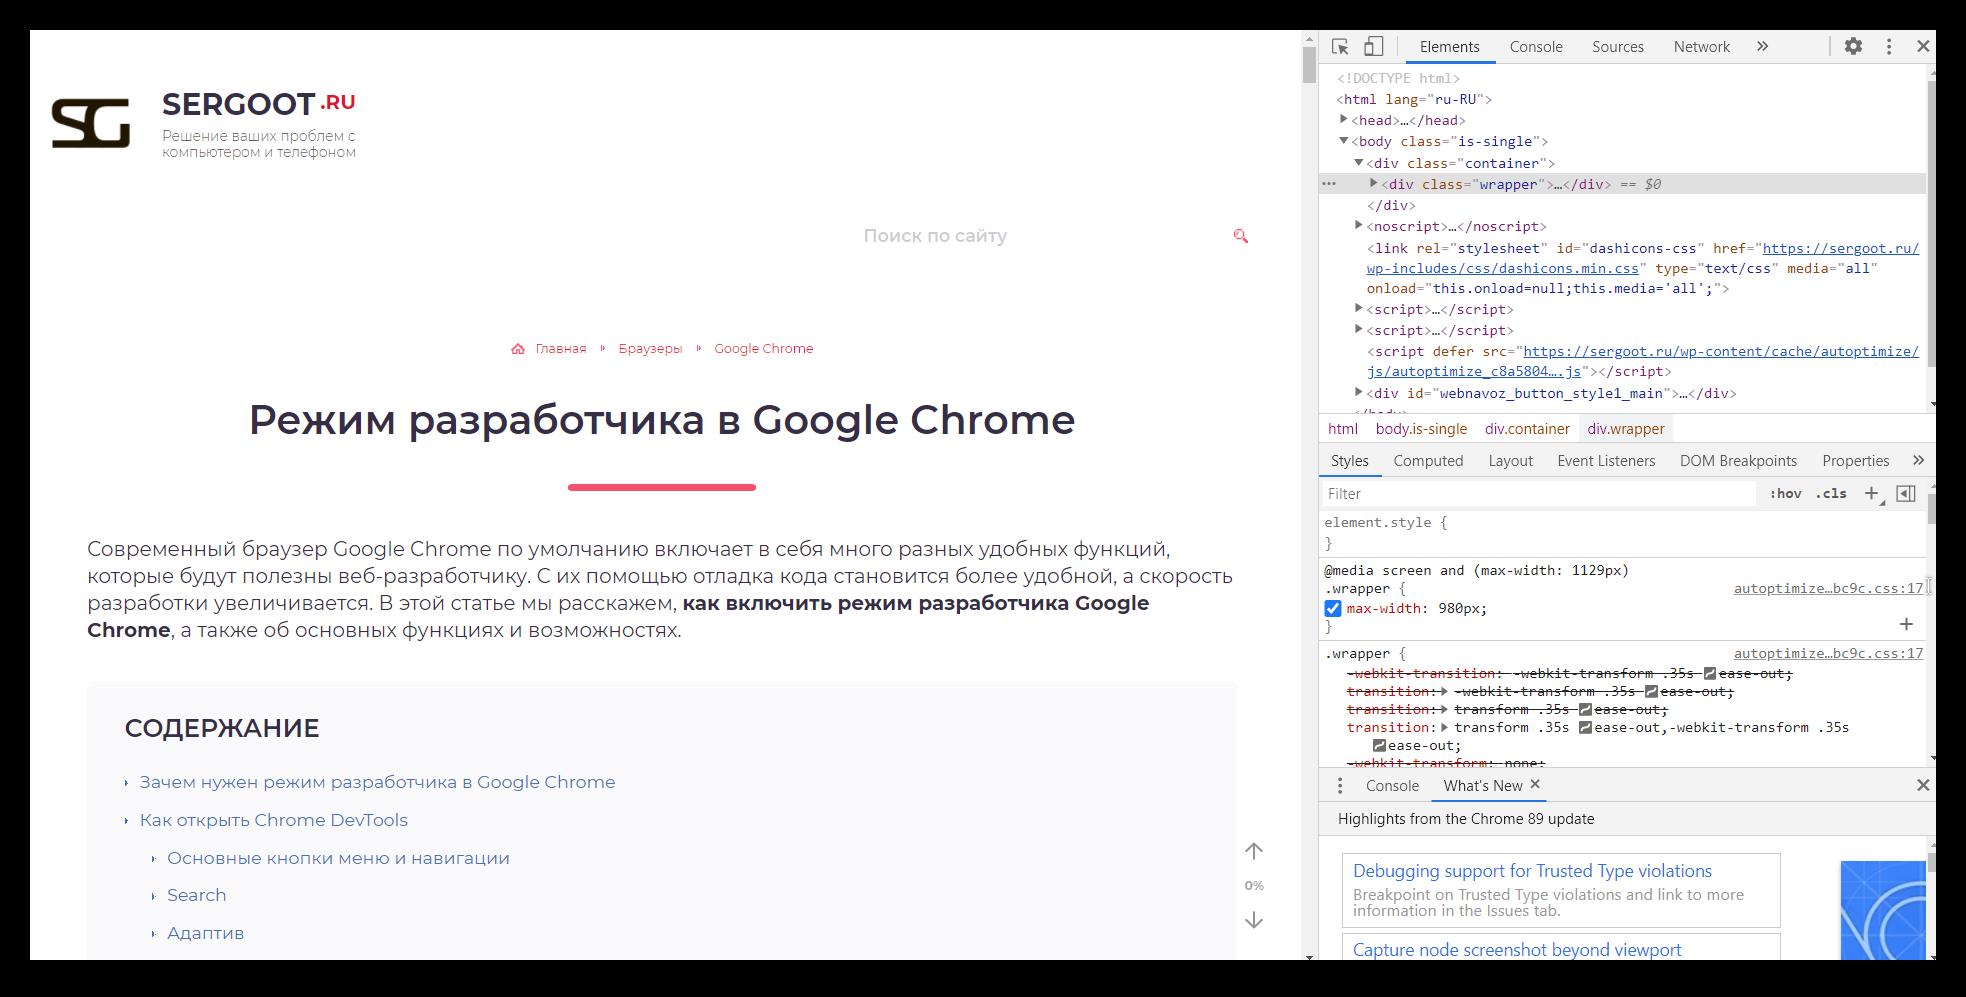 Режим разработчика в Гугл Хром